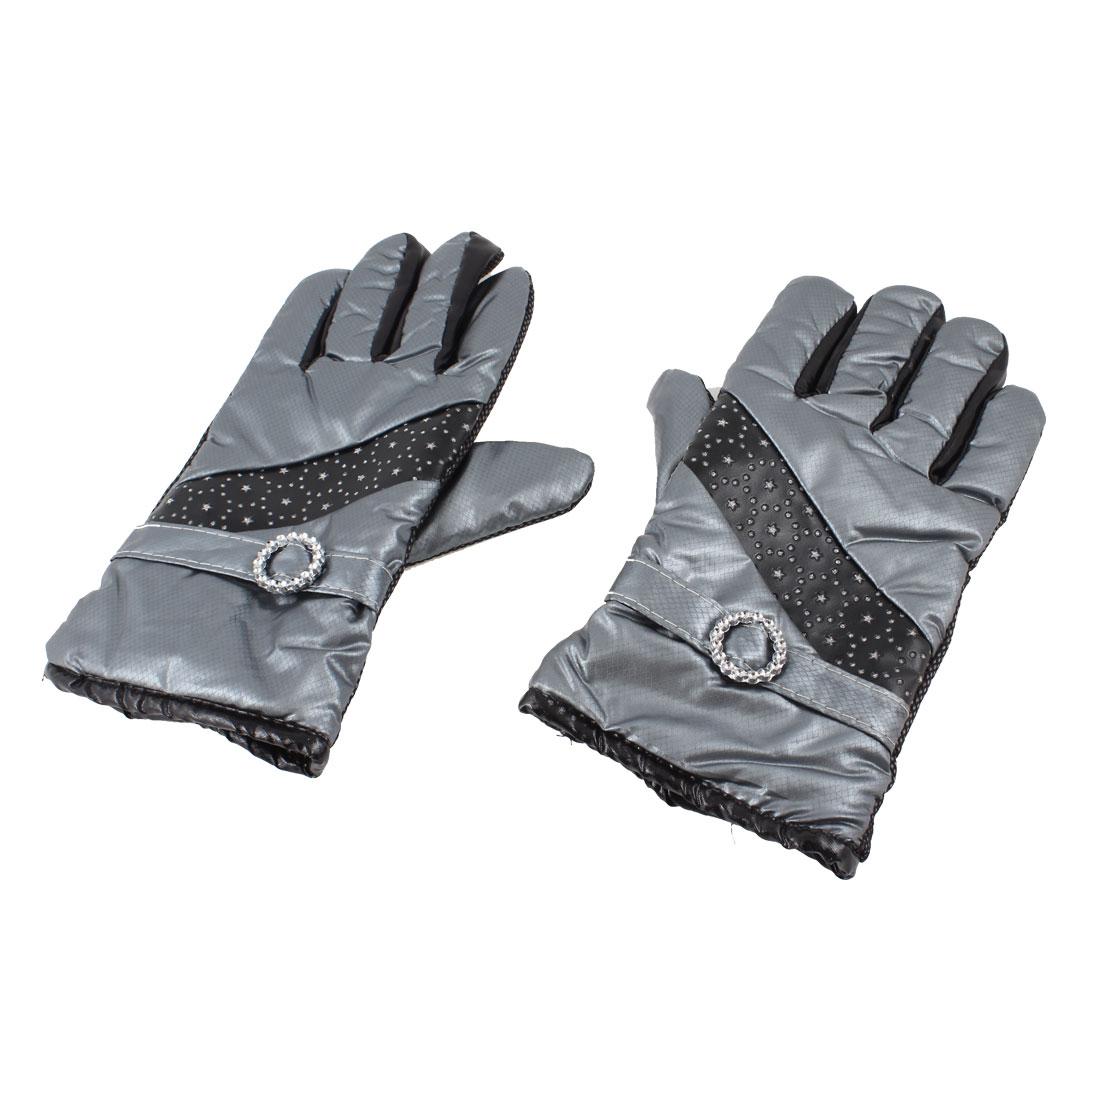 Gray Winter Wrist Hand Warmer Sequin Powder Decor Warm Gloves Pair for Women